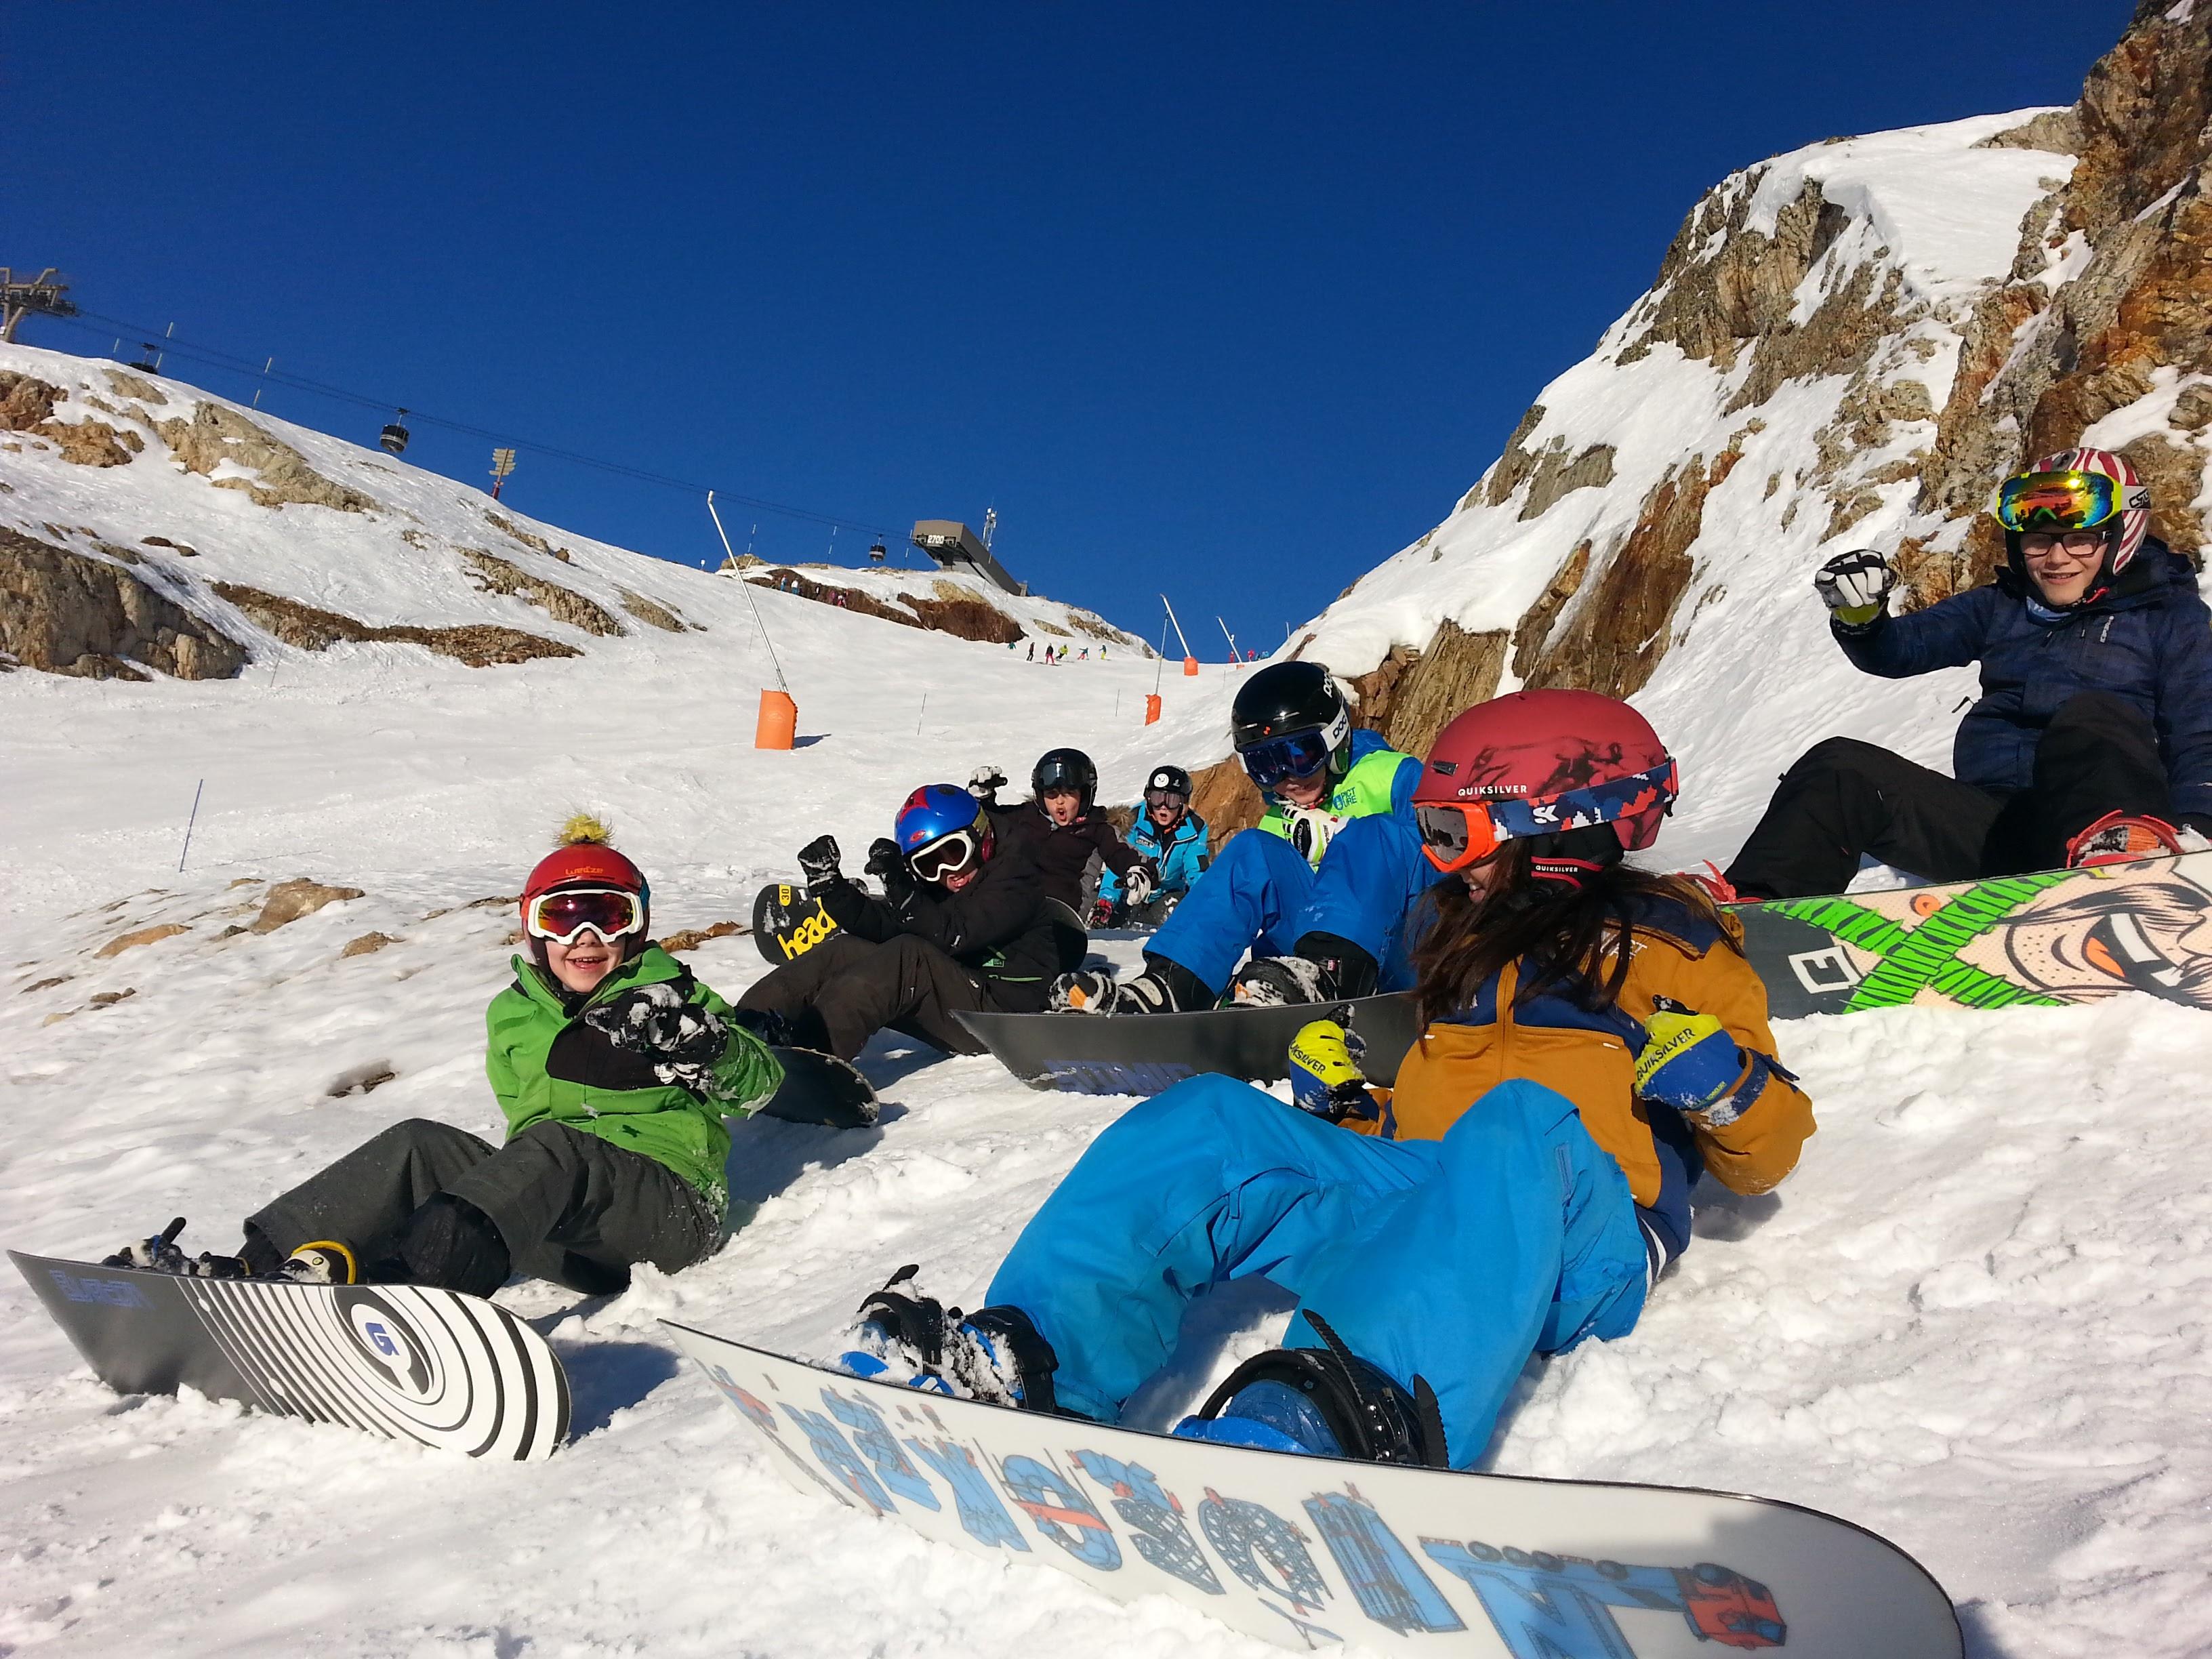 Enfants Snowboarders assis dans la neige